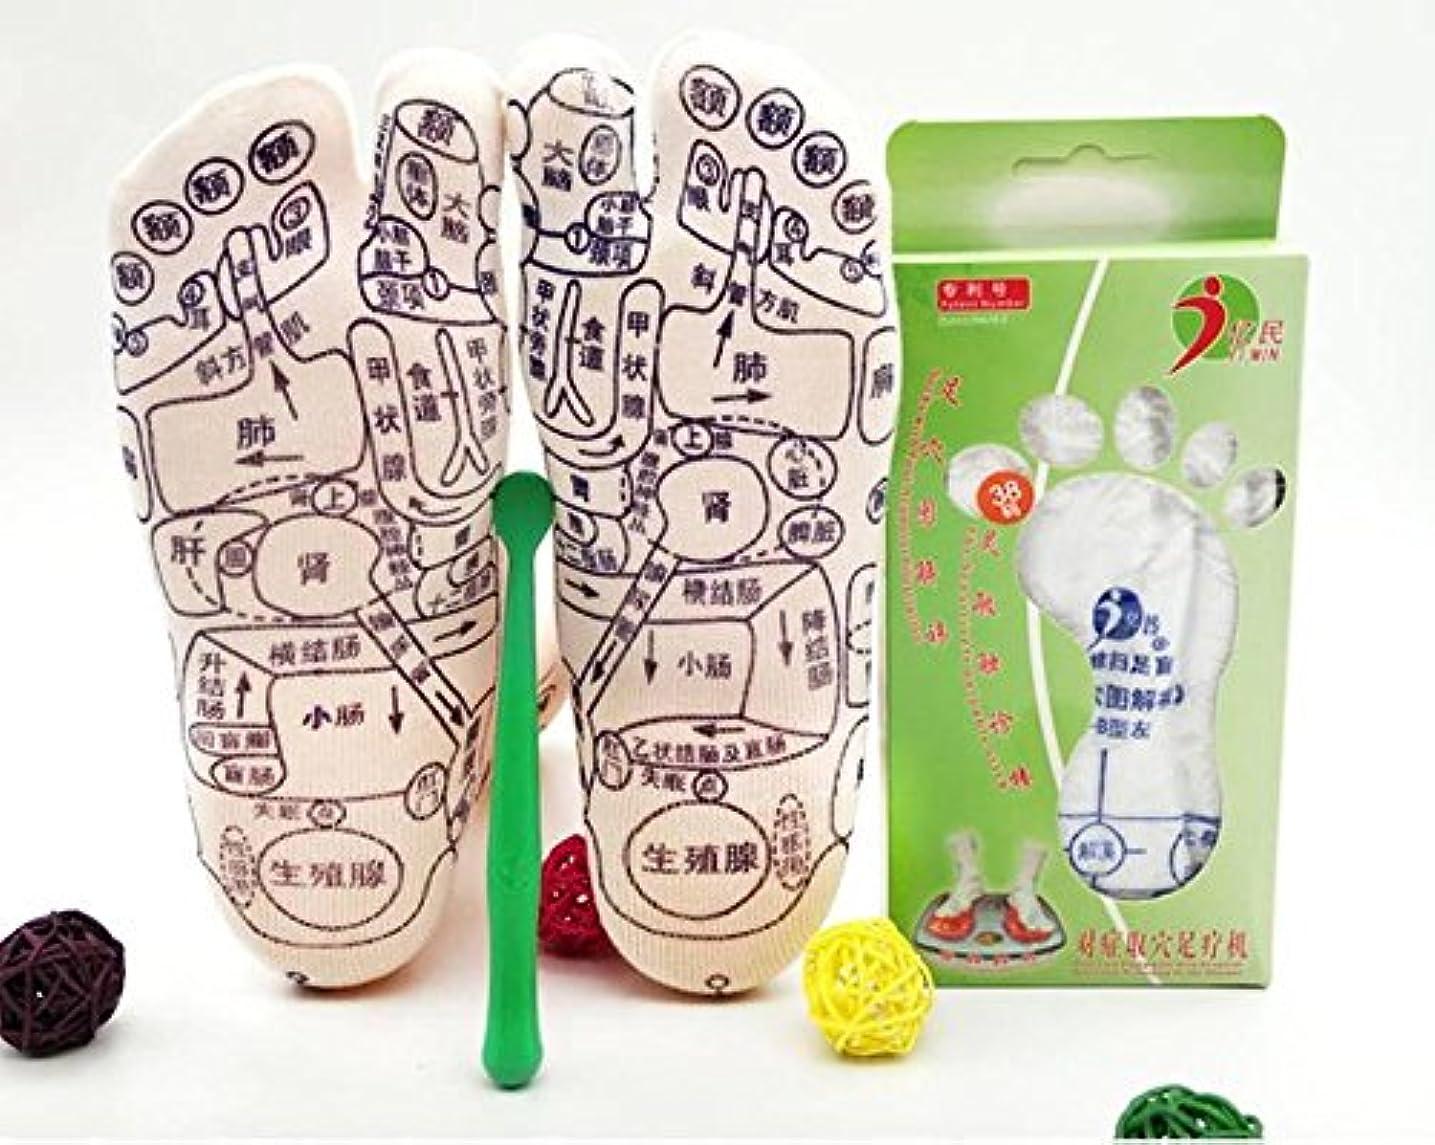 漏斗塊長さMNoel 健康 足裏 足ツボ プリント ソックス ツボ押し スティック付き 足つぼ くつした 靴下 反射区 サイズ23~26センチ 中国語簡易説明書付き